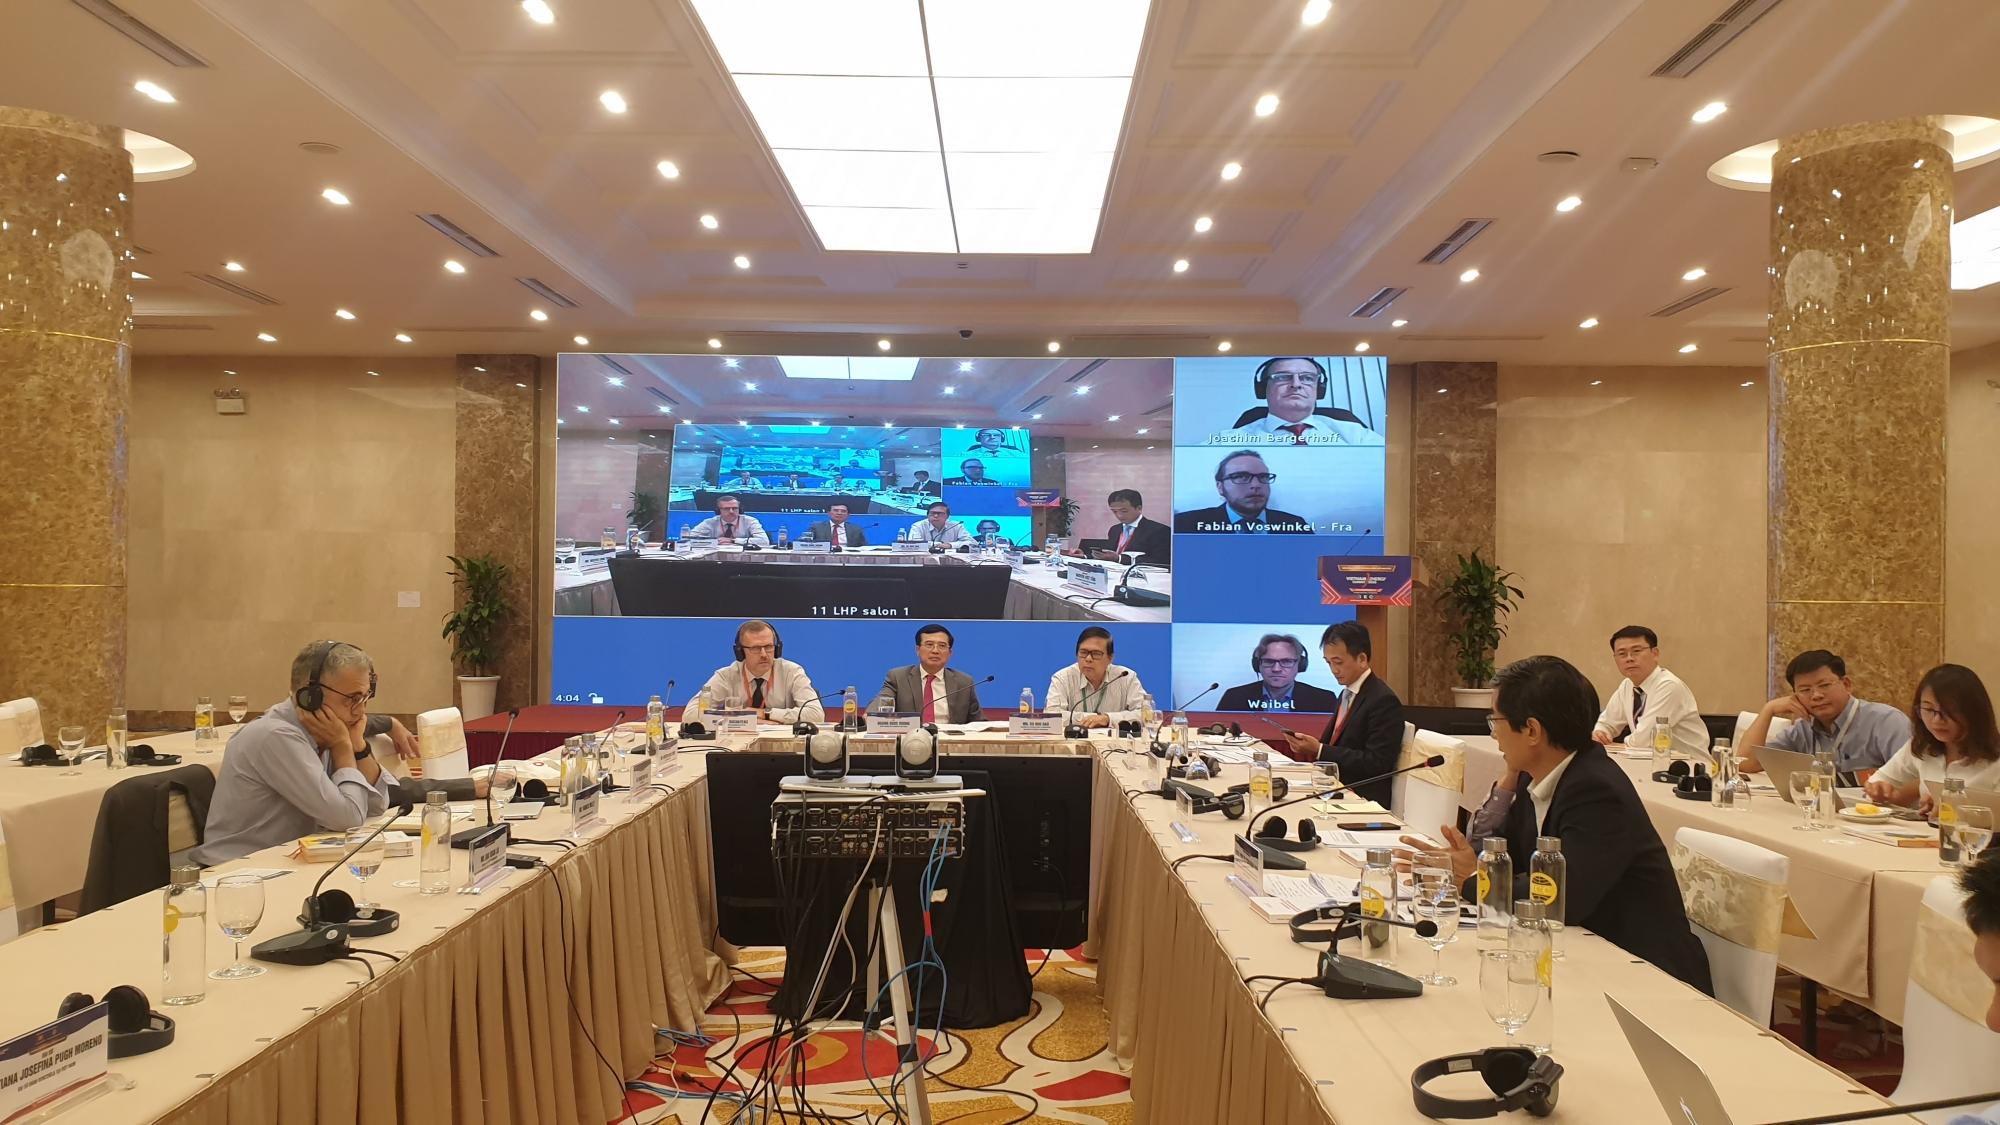 Nghị quyết 55 của Bộ Chính trị: Tiết kiệm năng lượng là quốc sách